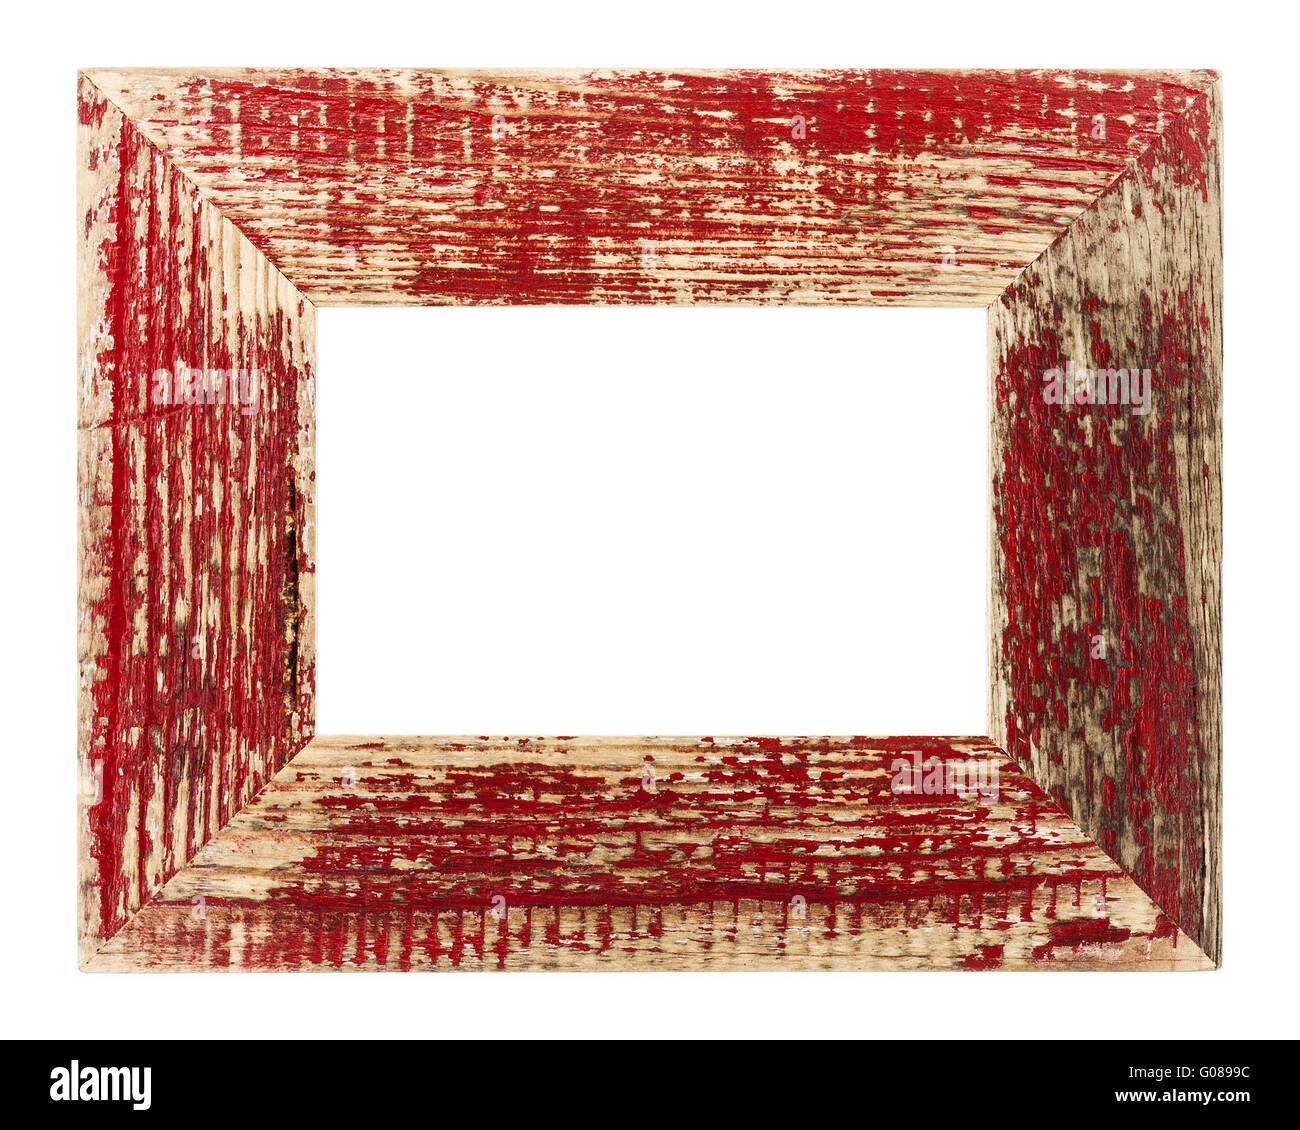 Beschneidungspfad Stockfotos & Beschneidungspfad Bilder - Alamy